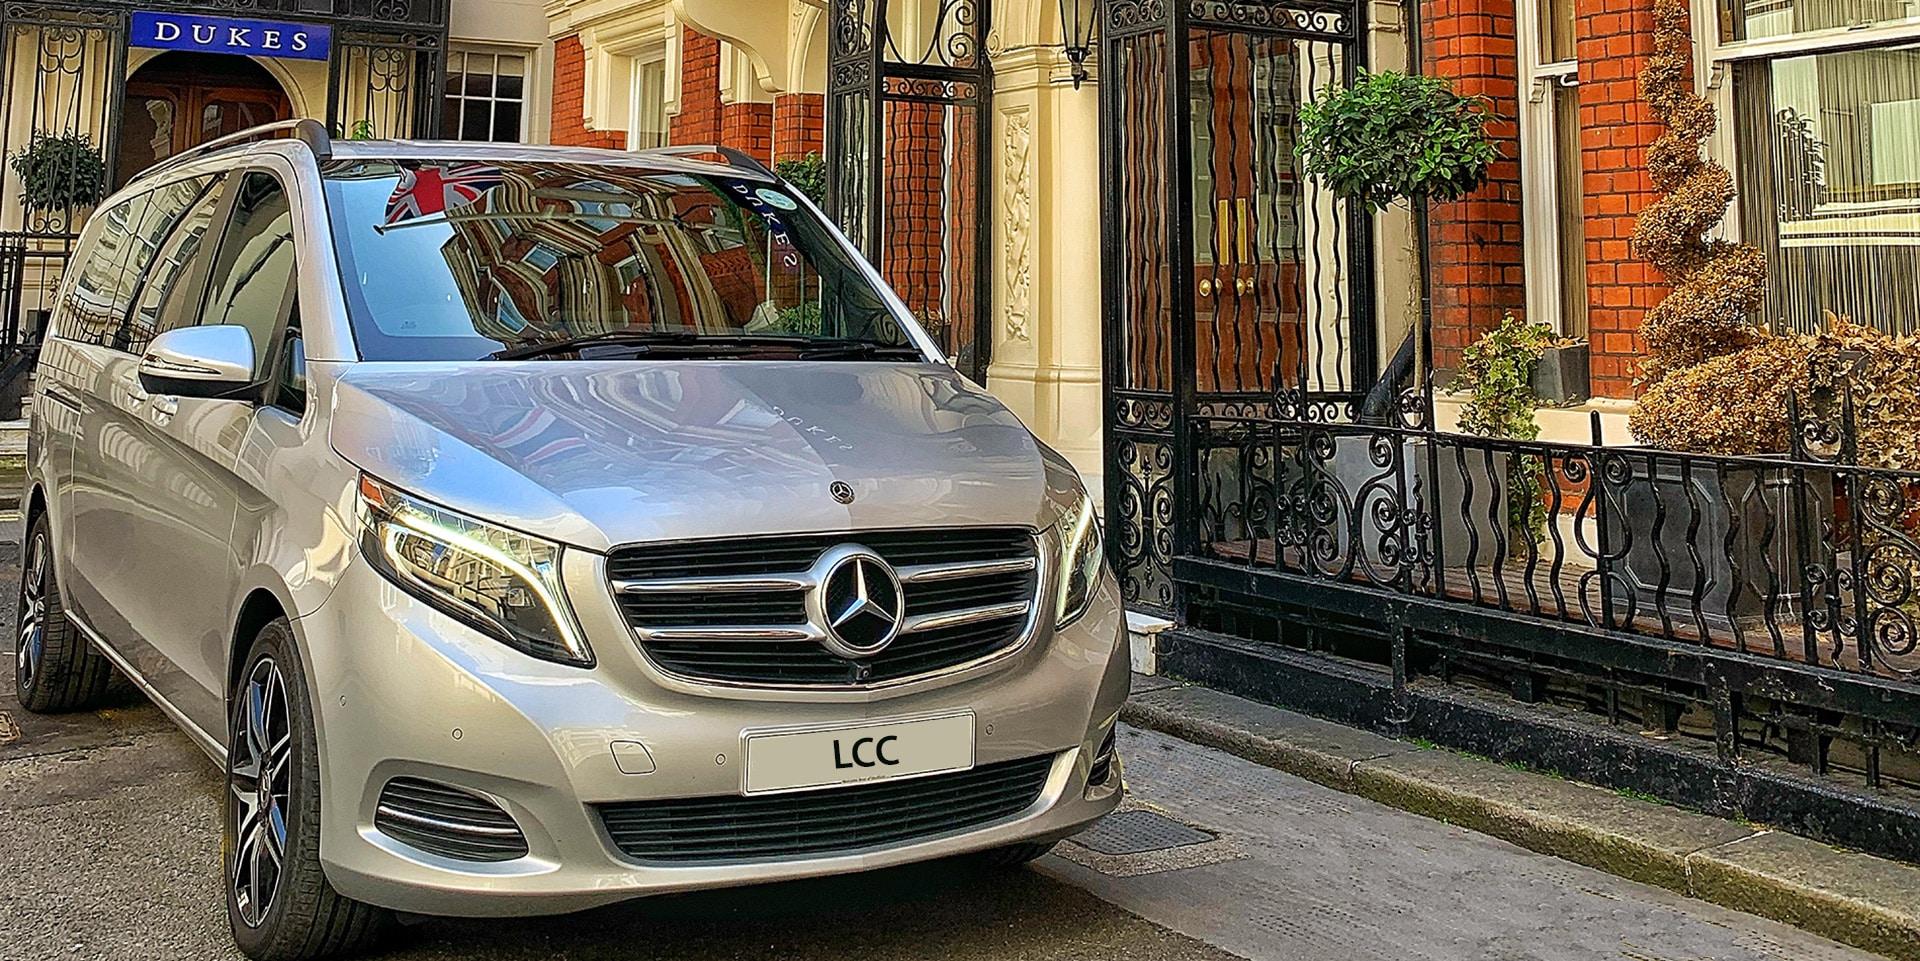 london-chauffeur-driven-v-class